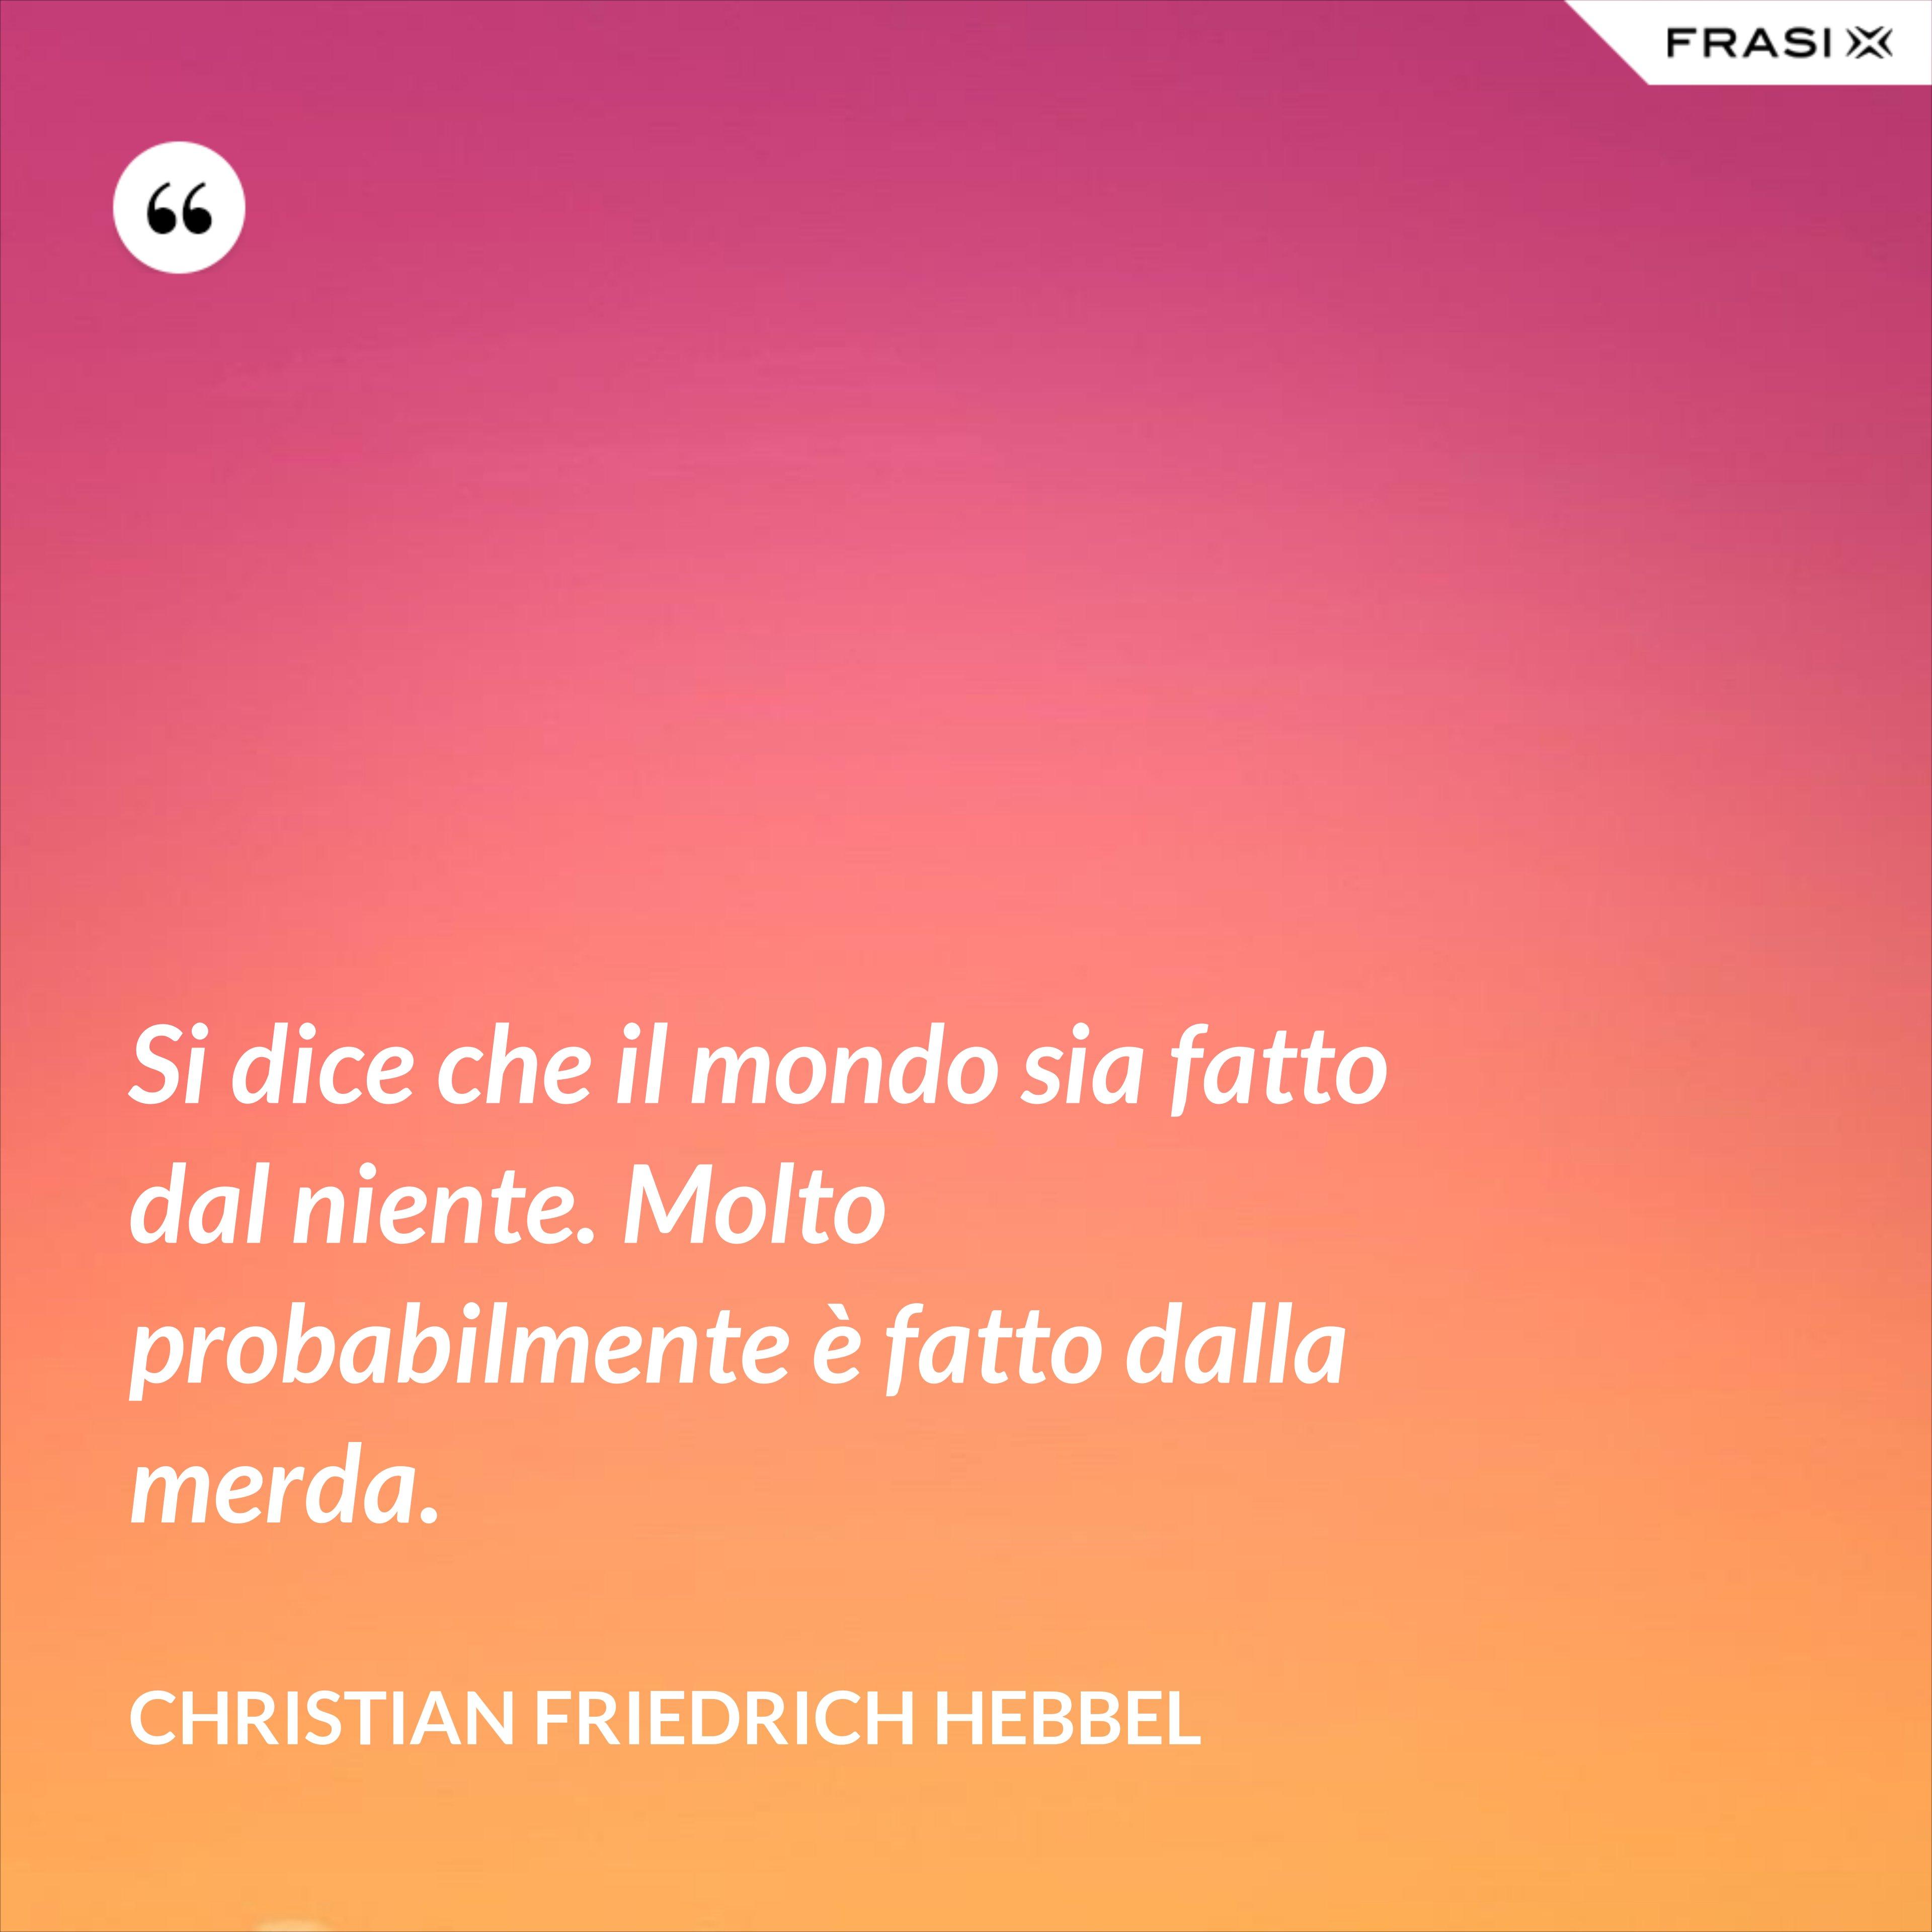 Si dice che il mondo sia fatto dal niente. Molto probabilmente è fatto dalla merda. - Christian Friedrich Hebbel